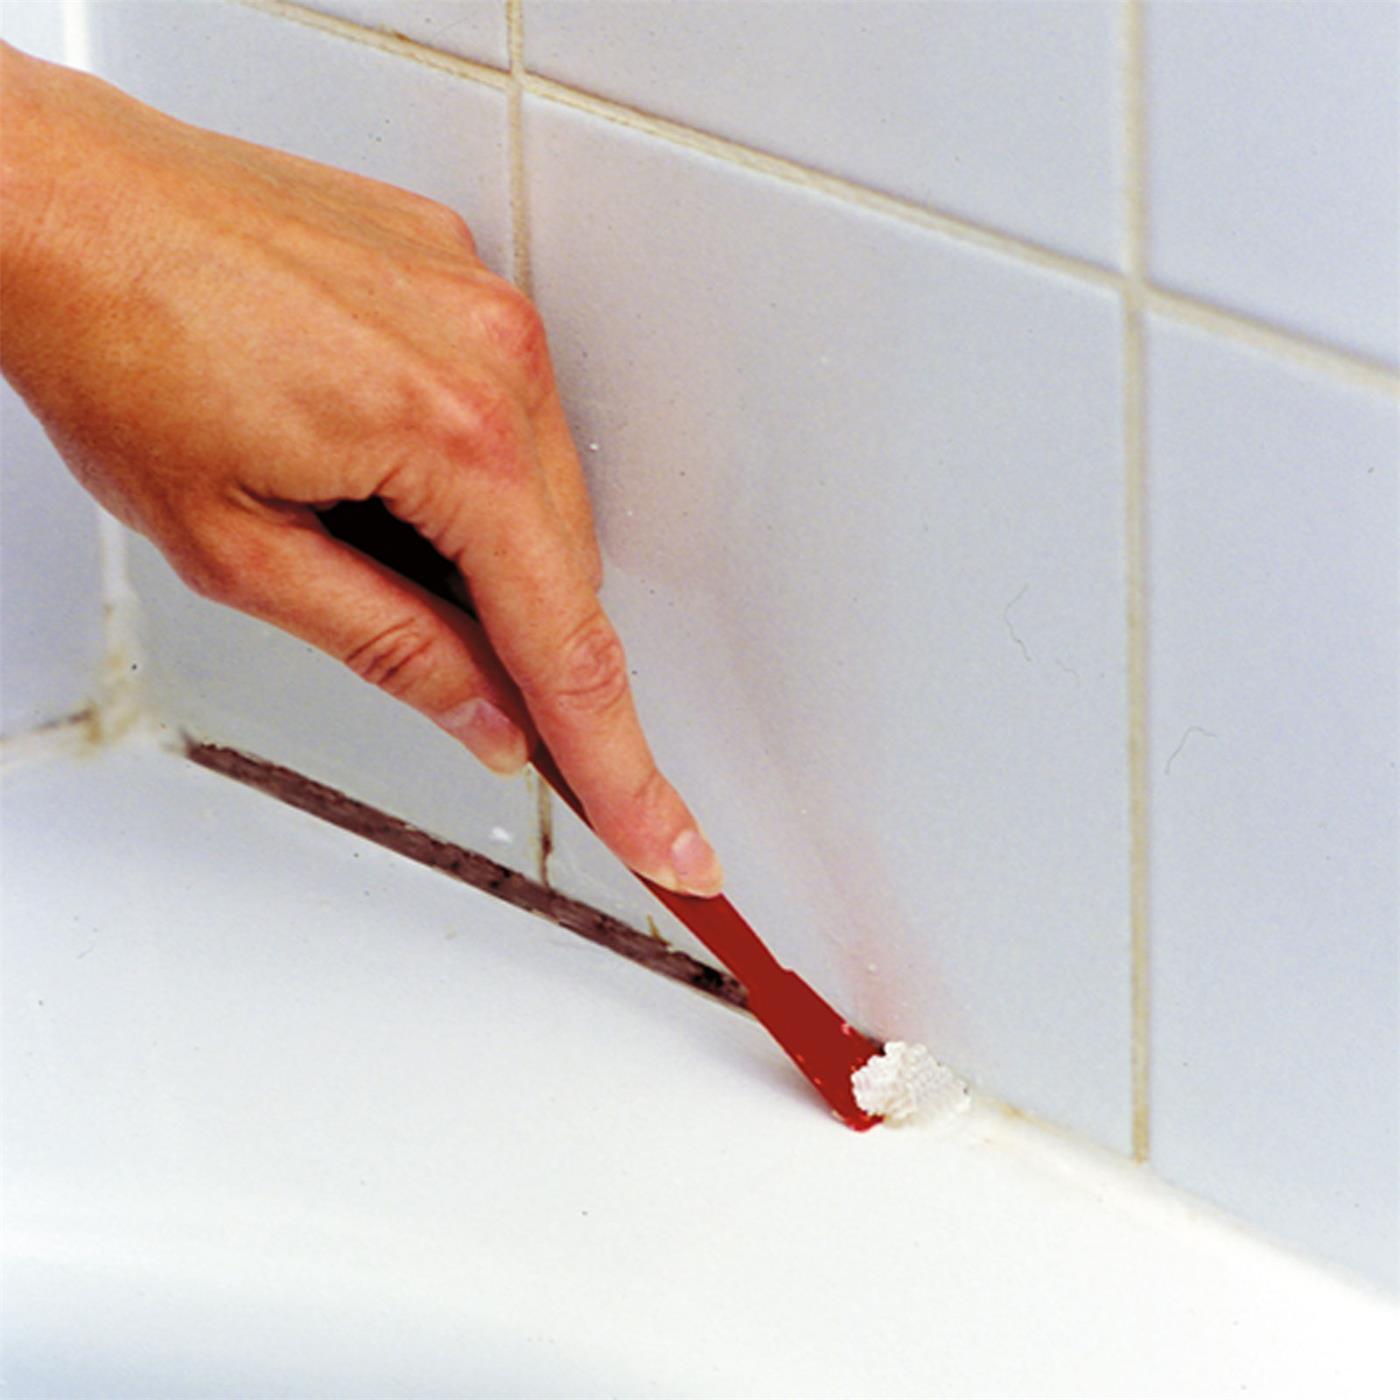 Чем отмыть силиконовый герметик, как смыть с рук / vantazer.ru – информационный портал о ремонте, отделке и обустройстве ванных комнат